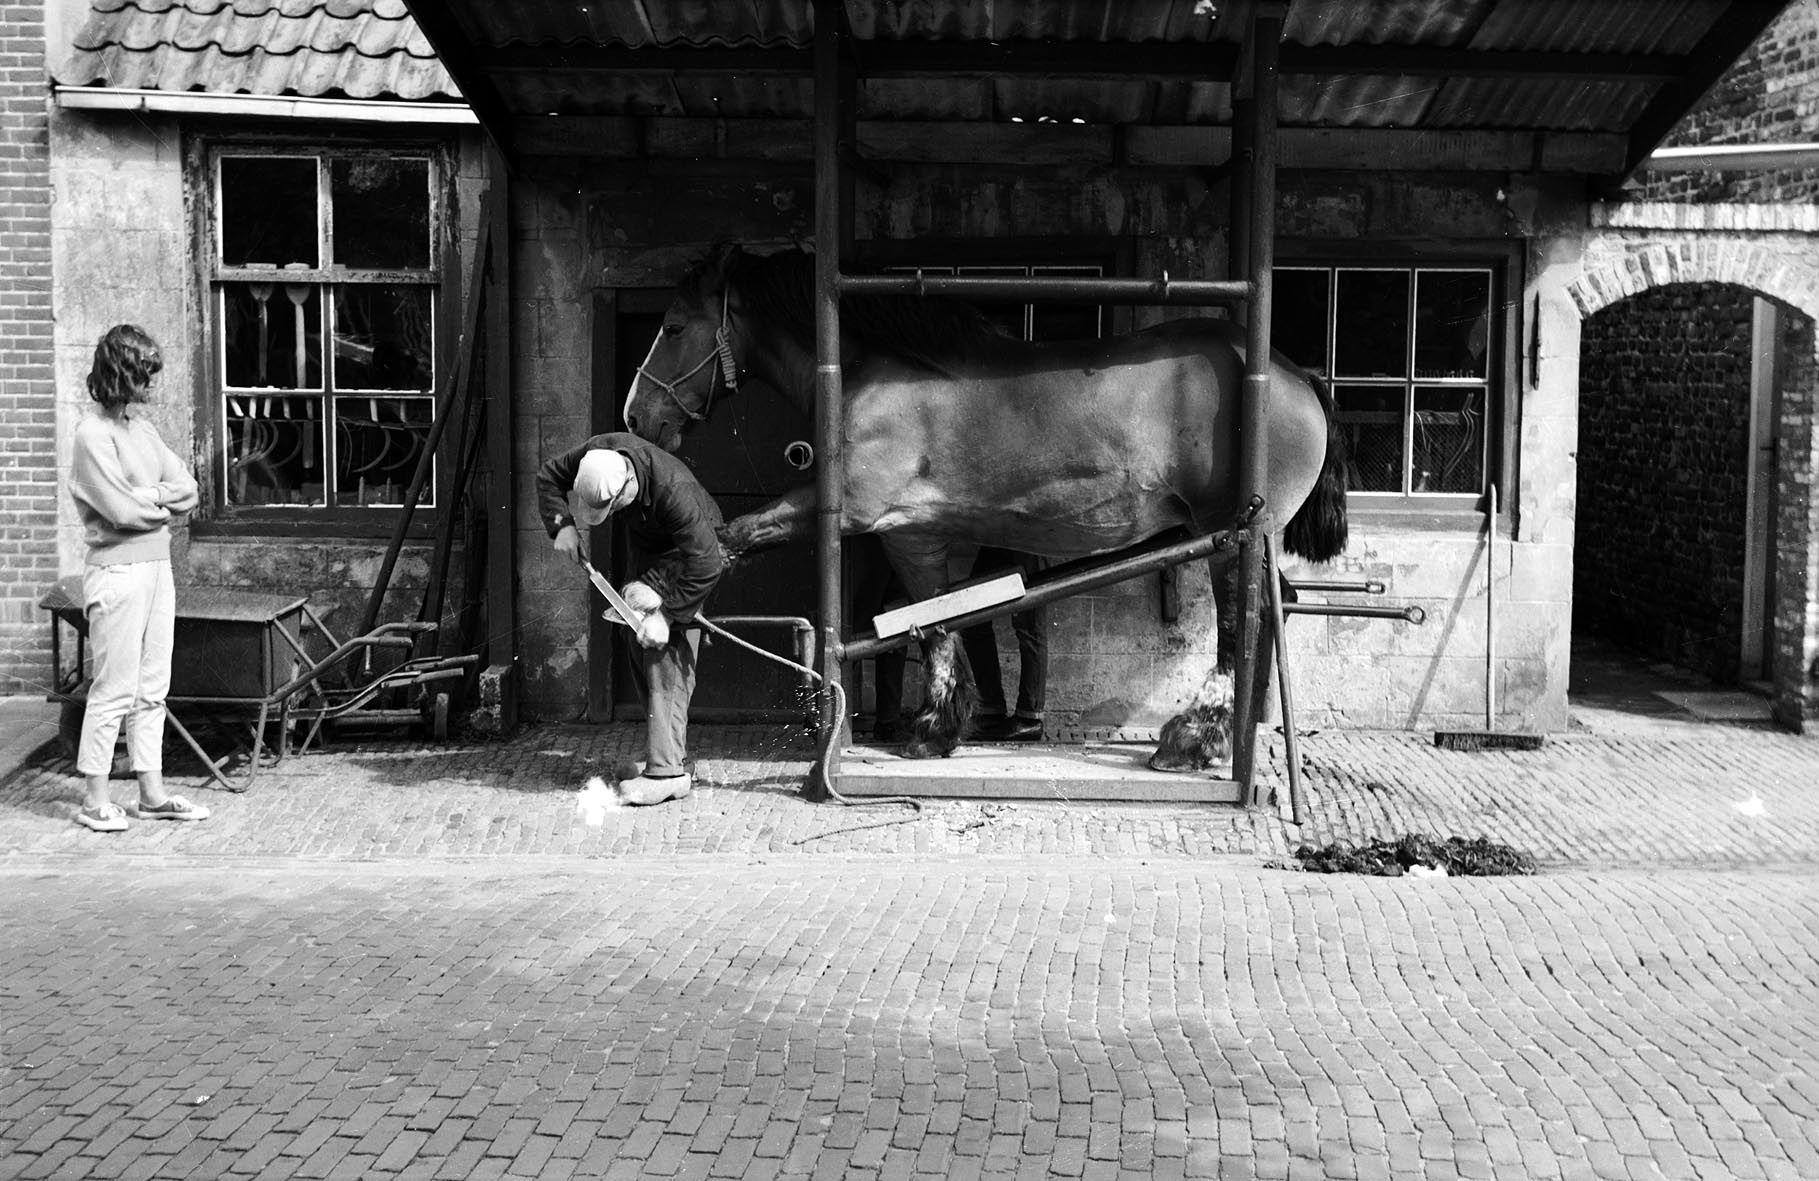 Hoefsmid, omstreeks 1960 aan het werk in de travalje of hoefstal in Biggekerke. (Zeeuws Archief, collectie Zeeuws Genootschap, Zelandia Illustrata)